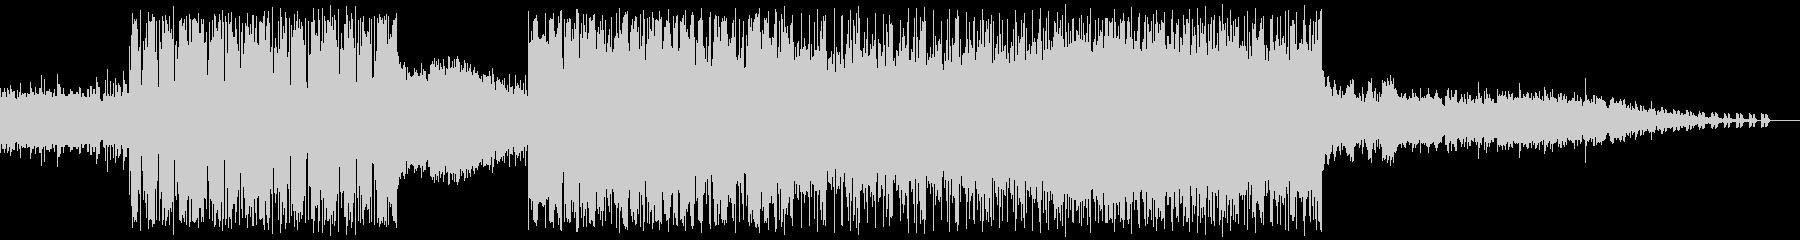 6/8拍子のかっこいいバンドサウンドの未再生の波形